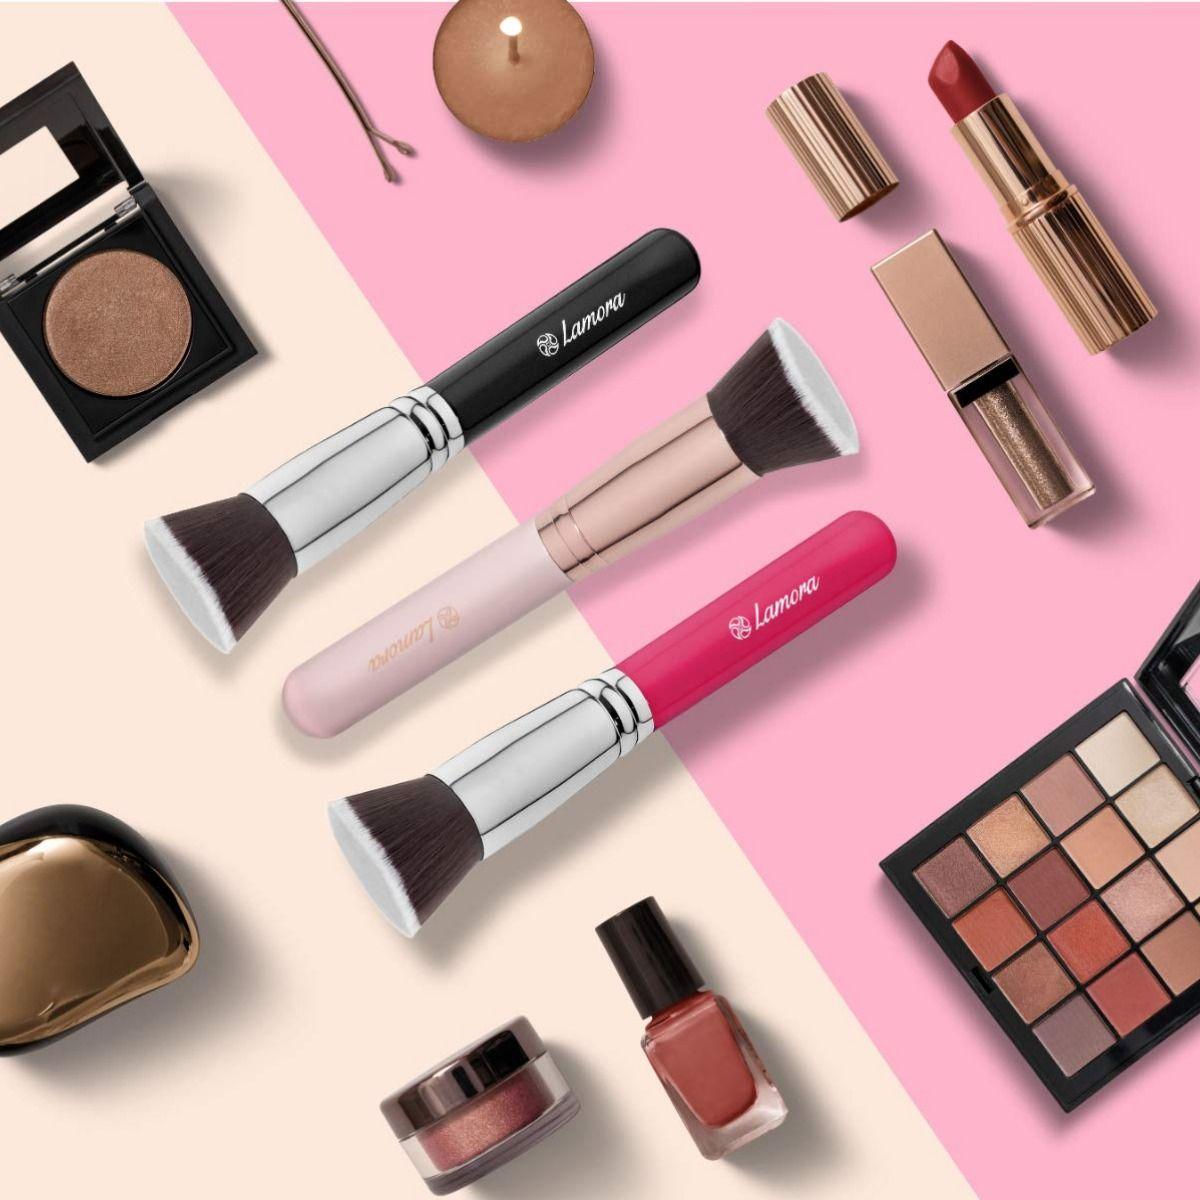 Foundation Makeup Brush Flat Top Kabuki for Face Perfect